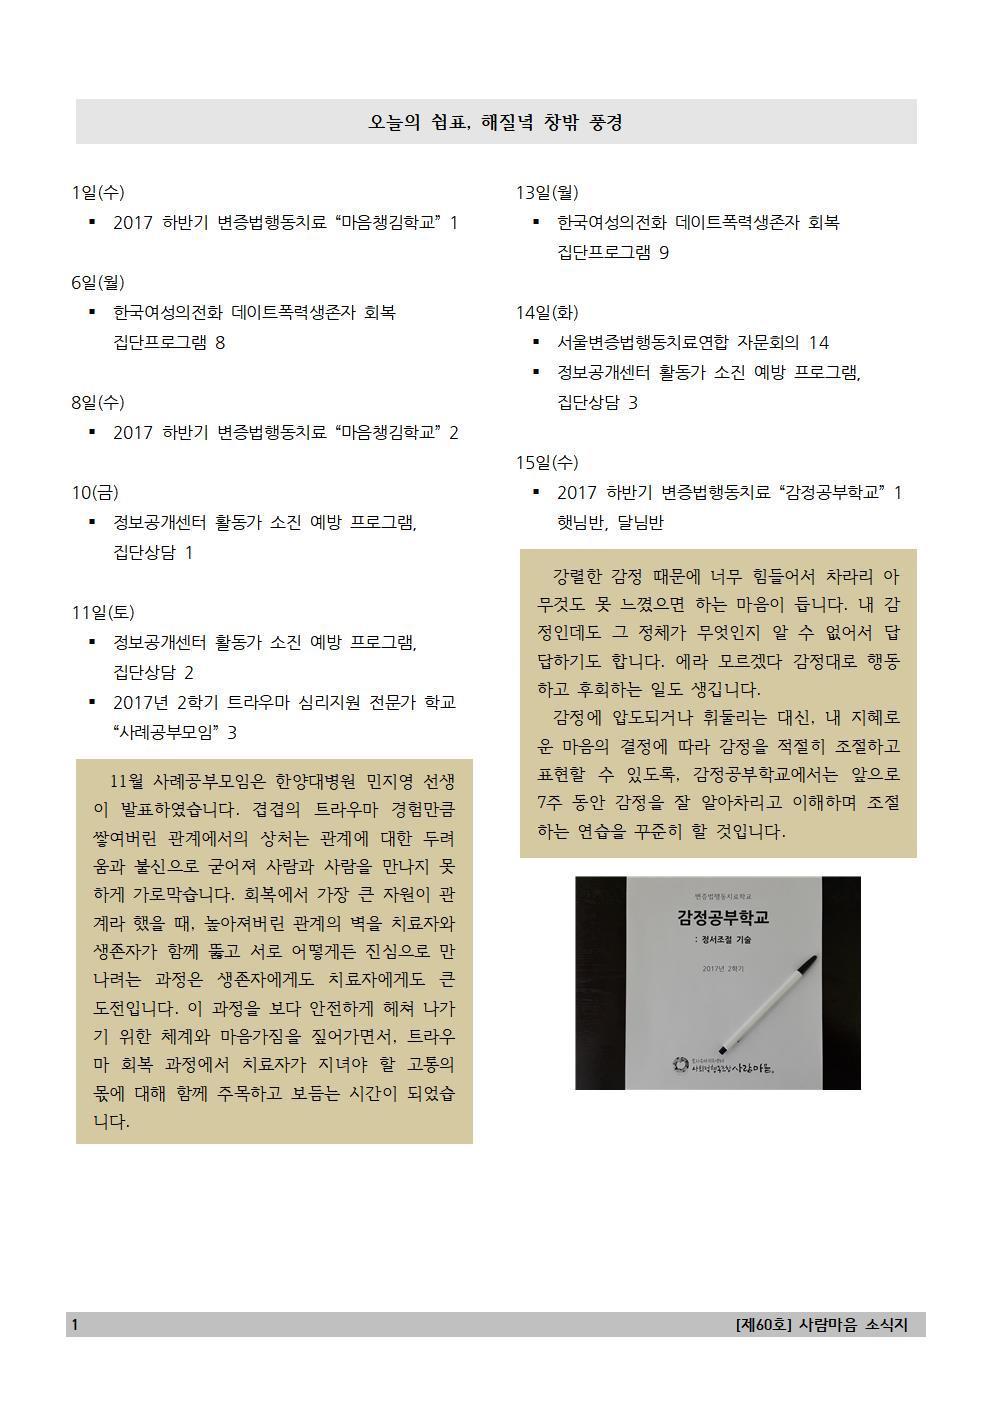 201712_60th_newsletter (2).jpg